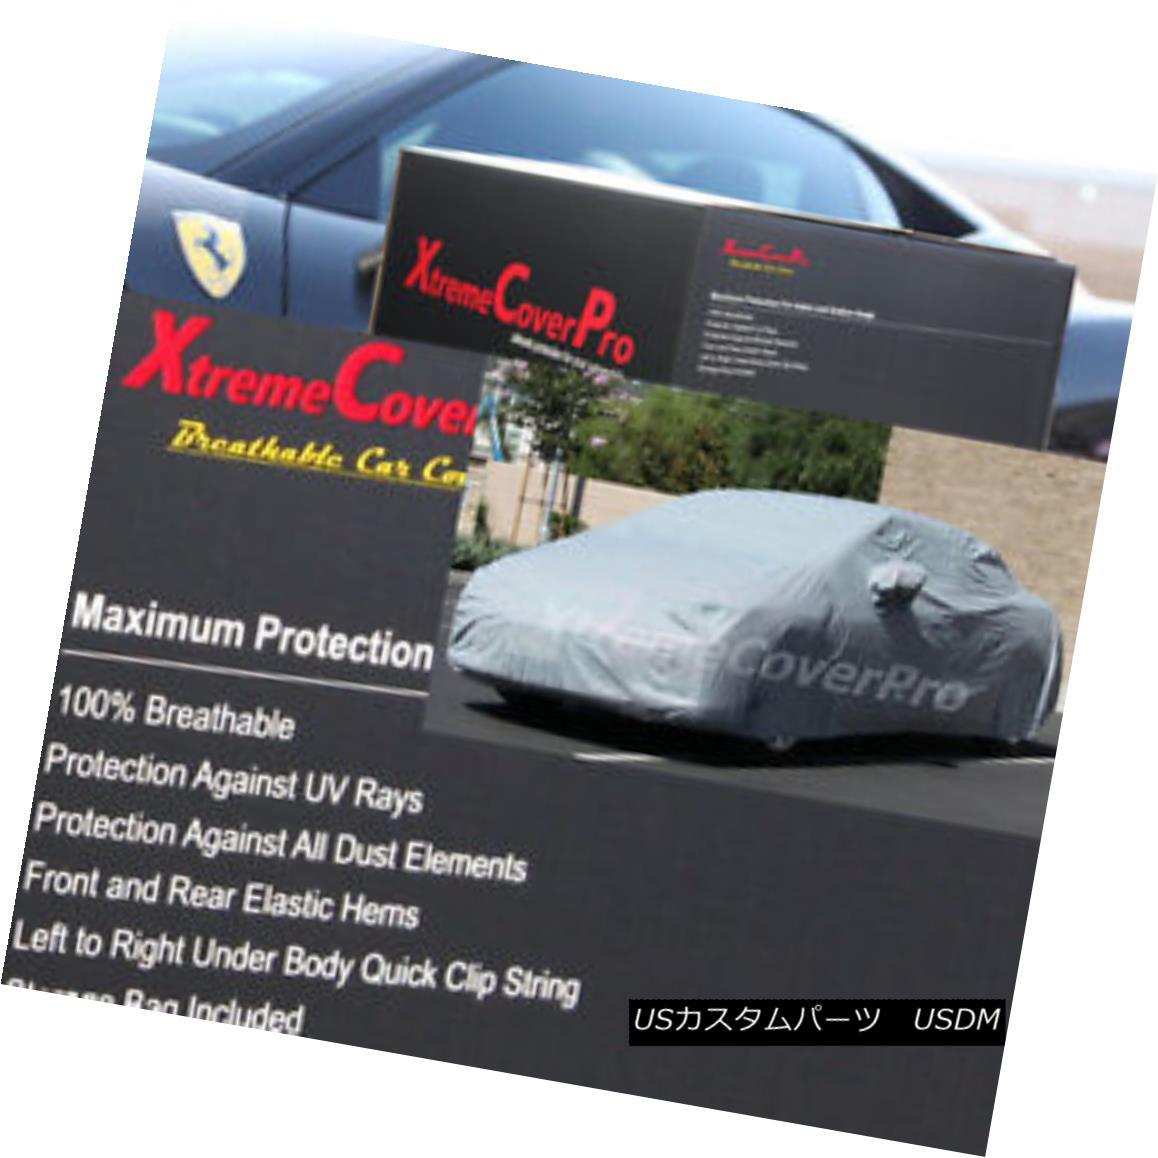 カーカバー 2014 Ford TAURUS Breathable Car Cover w/ Mirror Pocket 2014 Ford TAURUS通気性の車カバー、ミラーポケット付